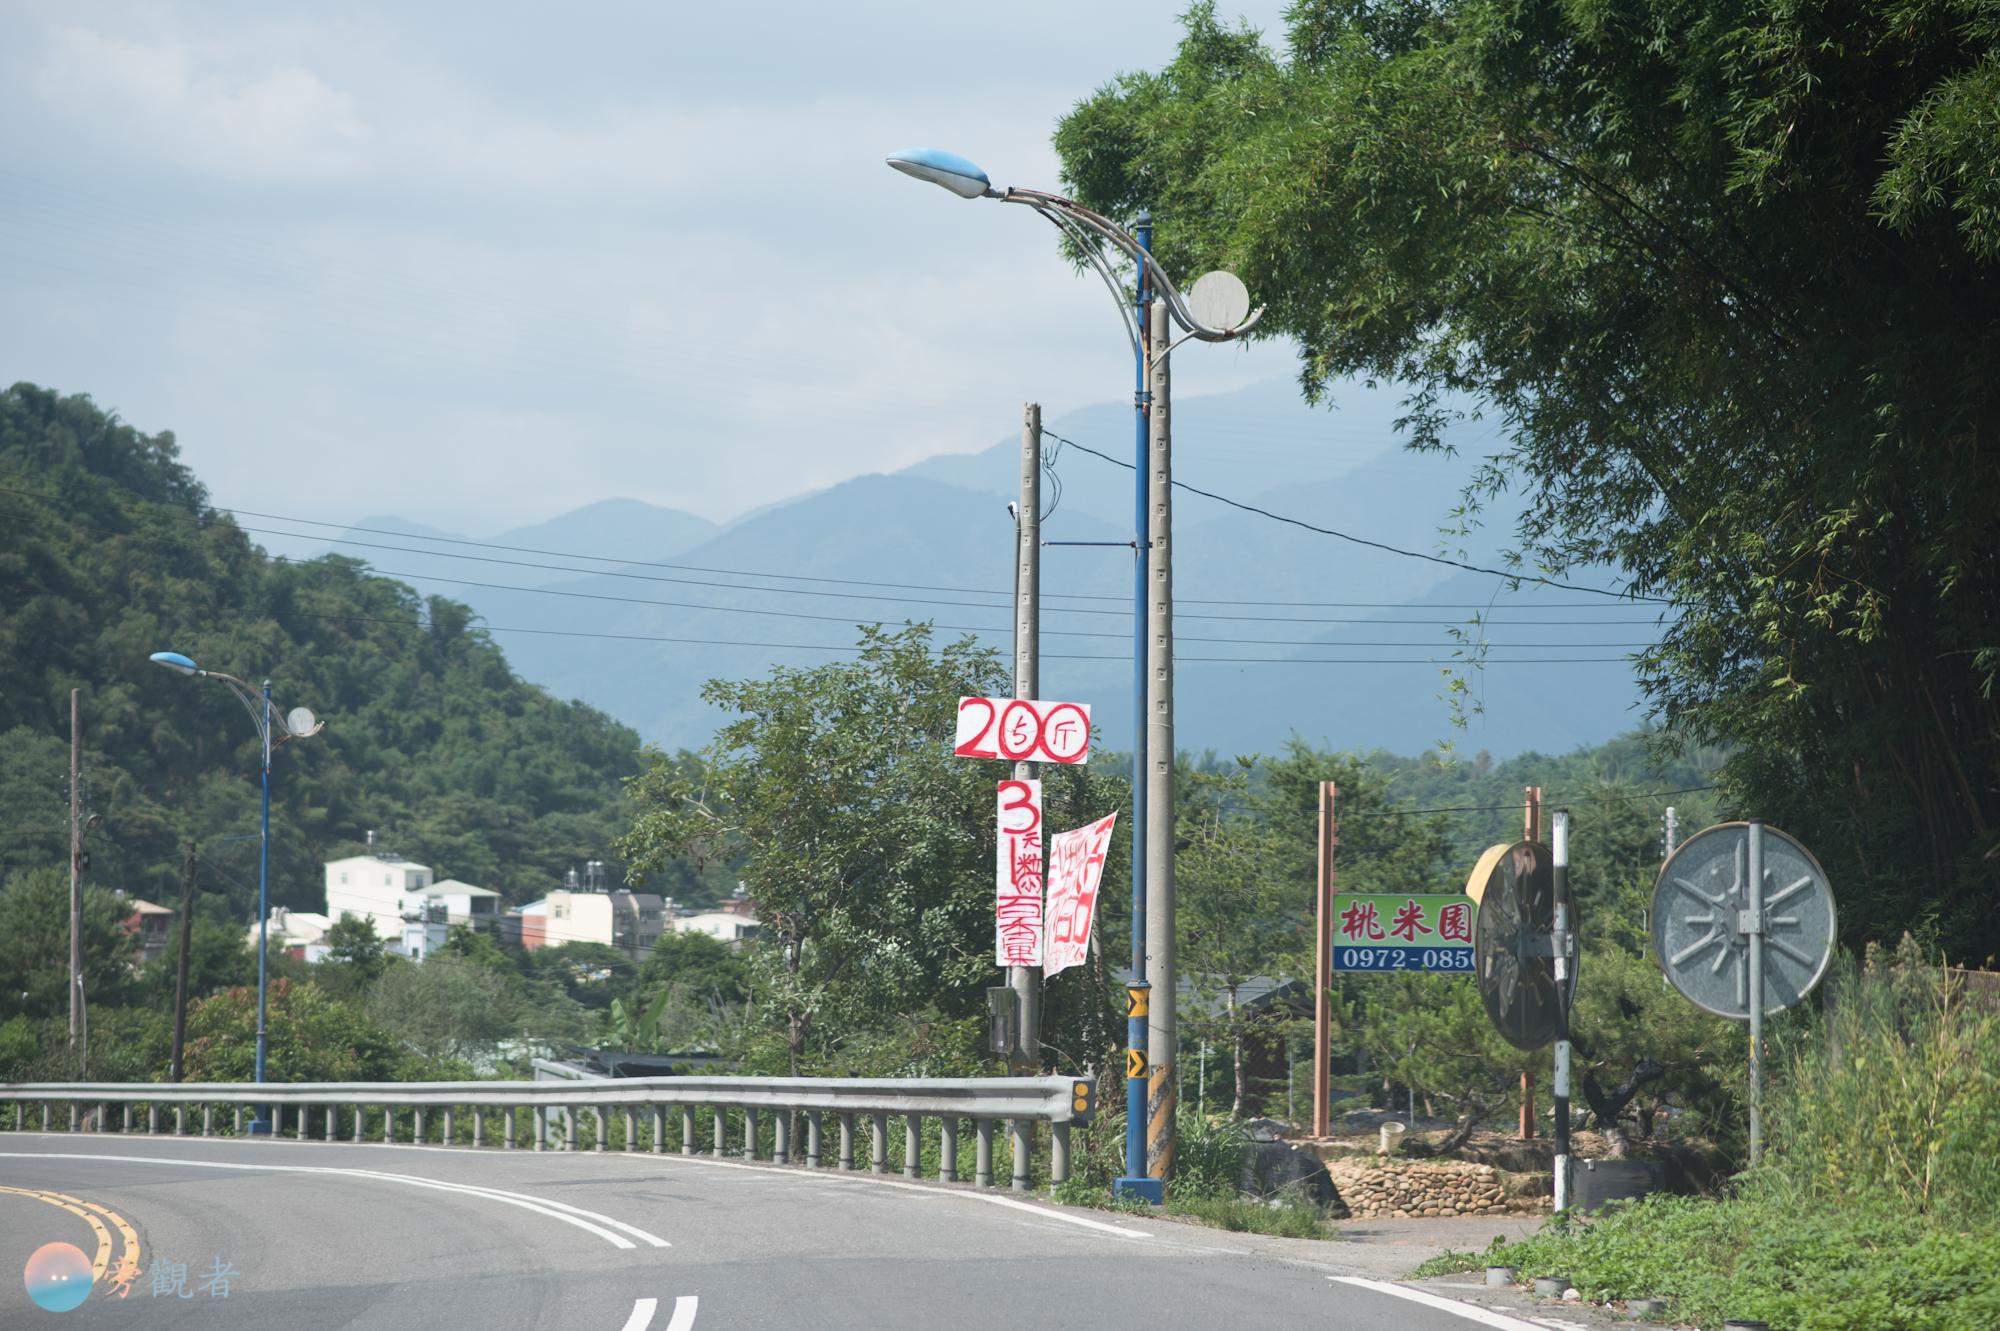 日月潭連外道路21號省道公路旁的電線桿被鄰近商家掛置銷售廣告牌。南投埔里桃米